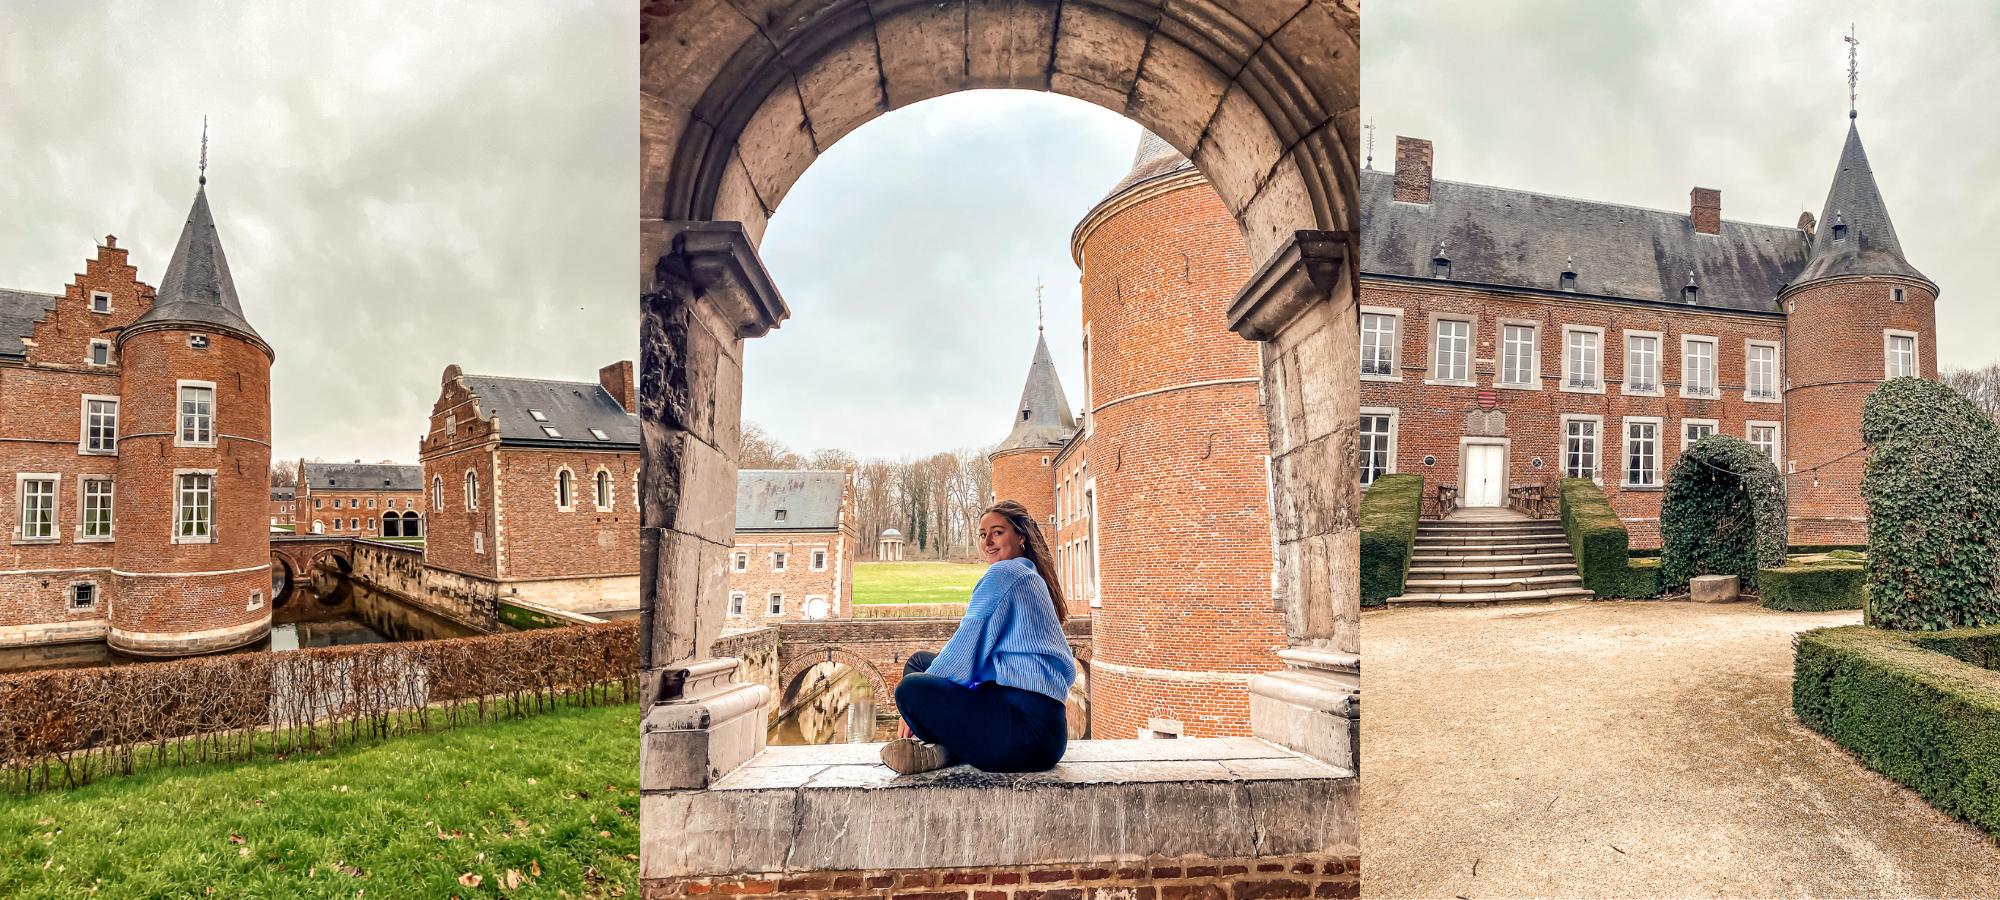 Girl in a blue jumper sitting in a castle window at Alden Biesen